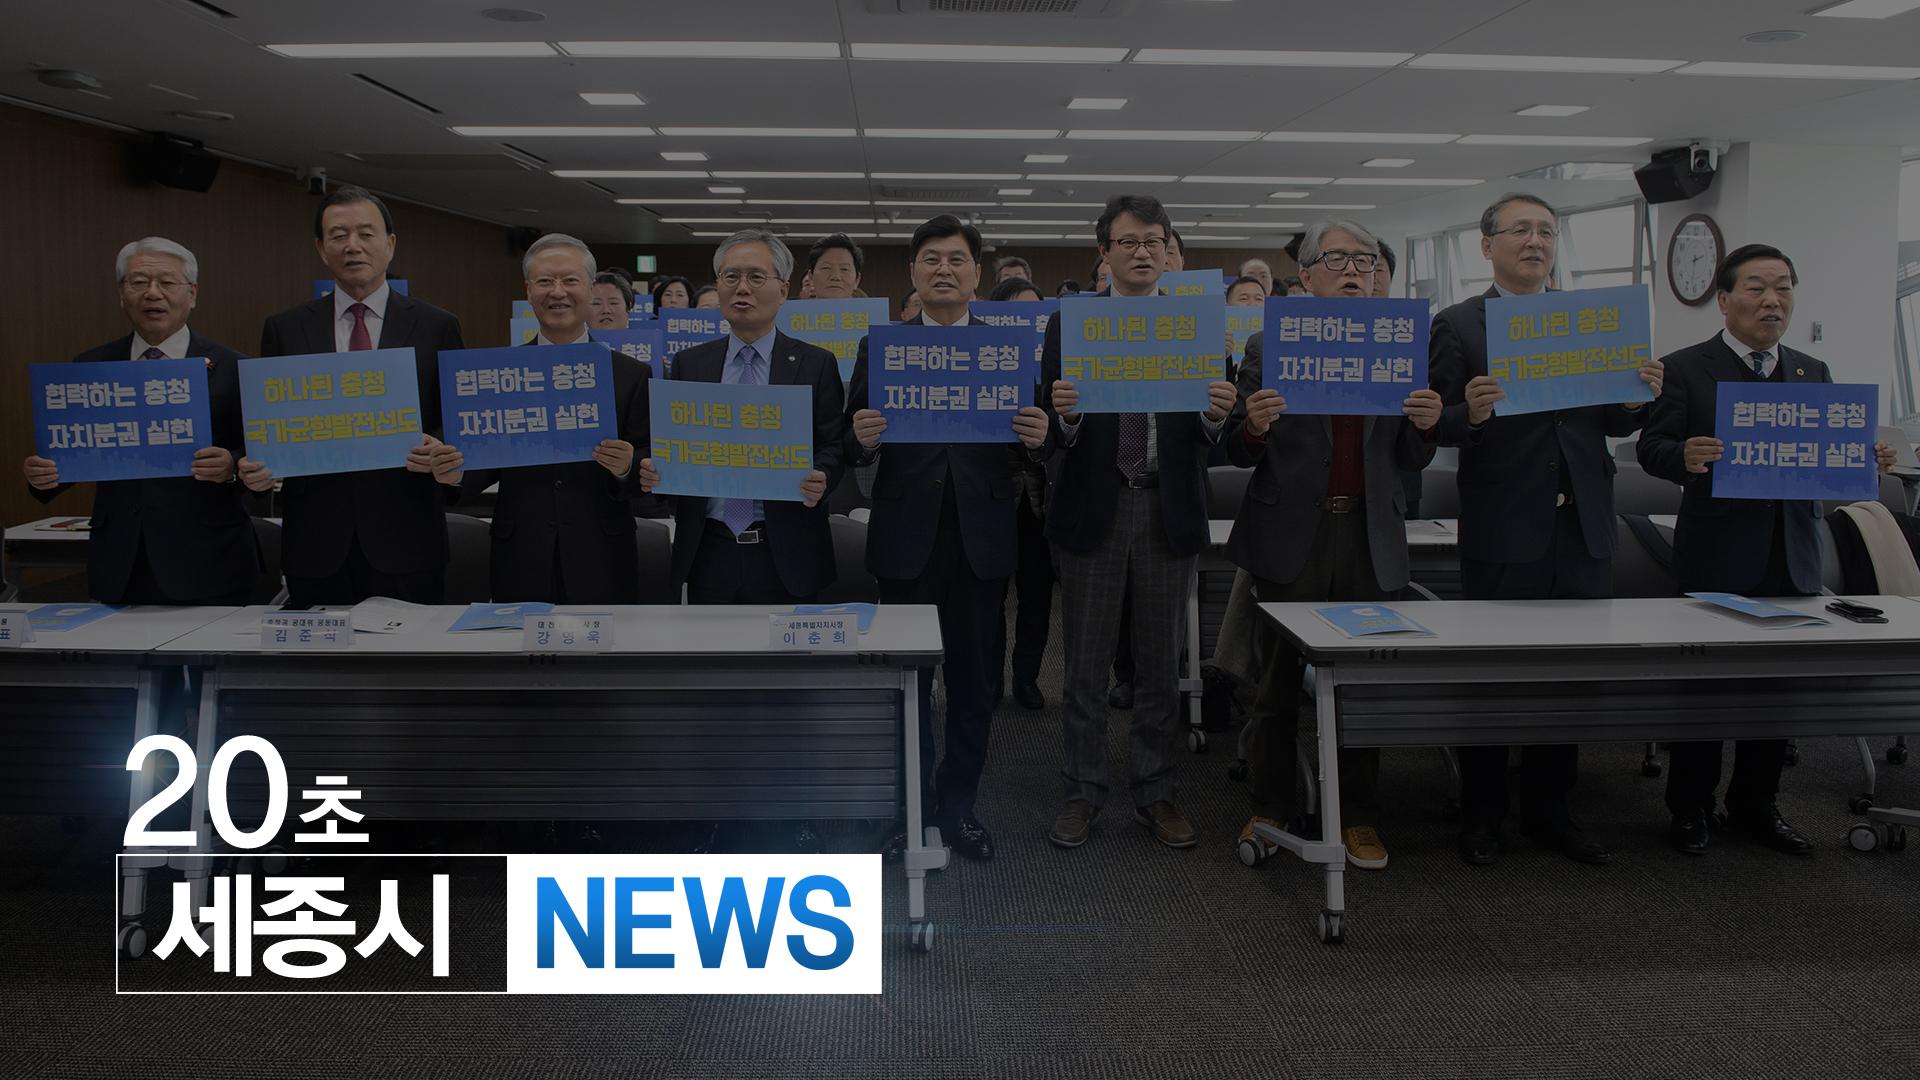 <20초뉴스> 국가균형발전 이끌 충청권 협력방안 찾는다